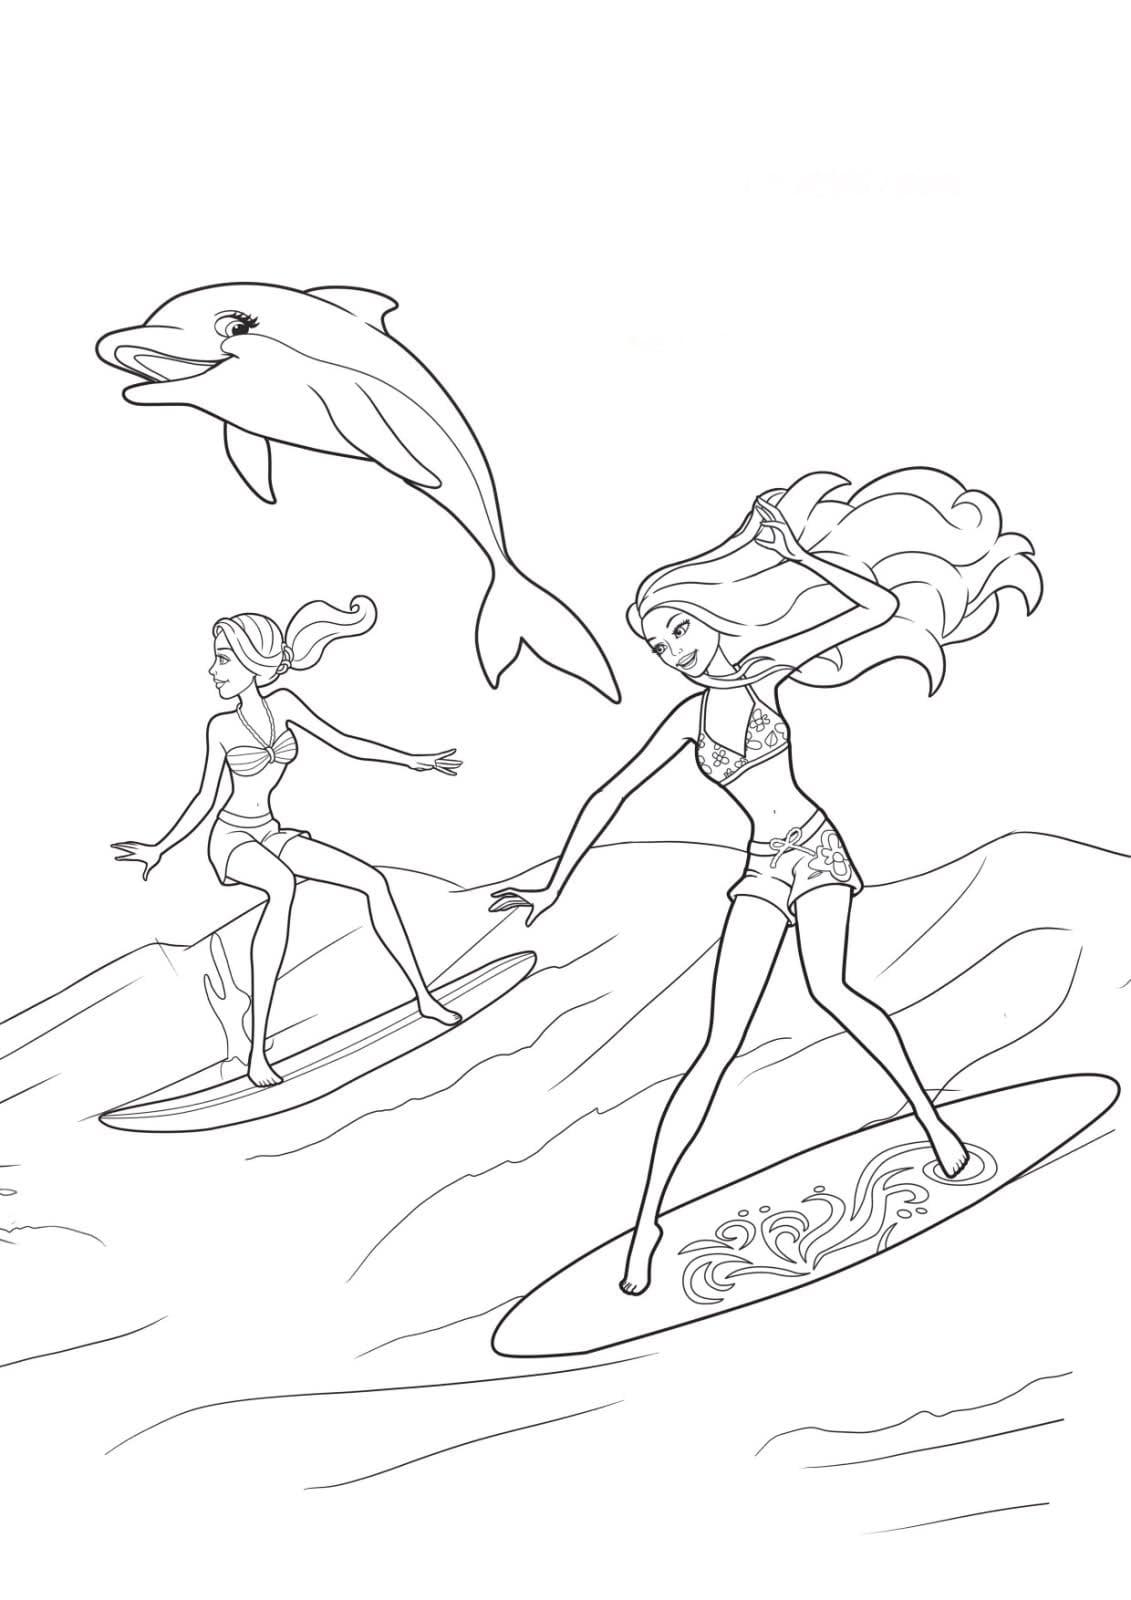 Desenho De Barbie Sereia E Prancha De Surfe Para Colorir